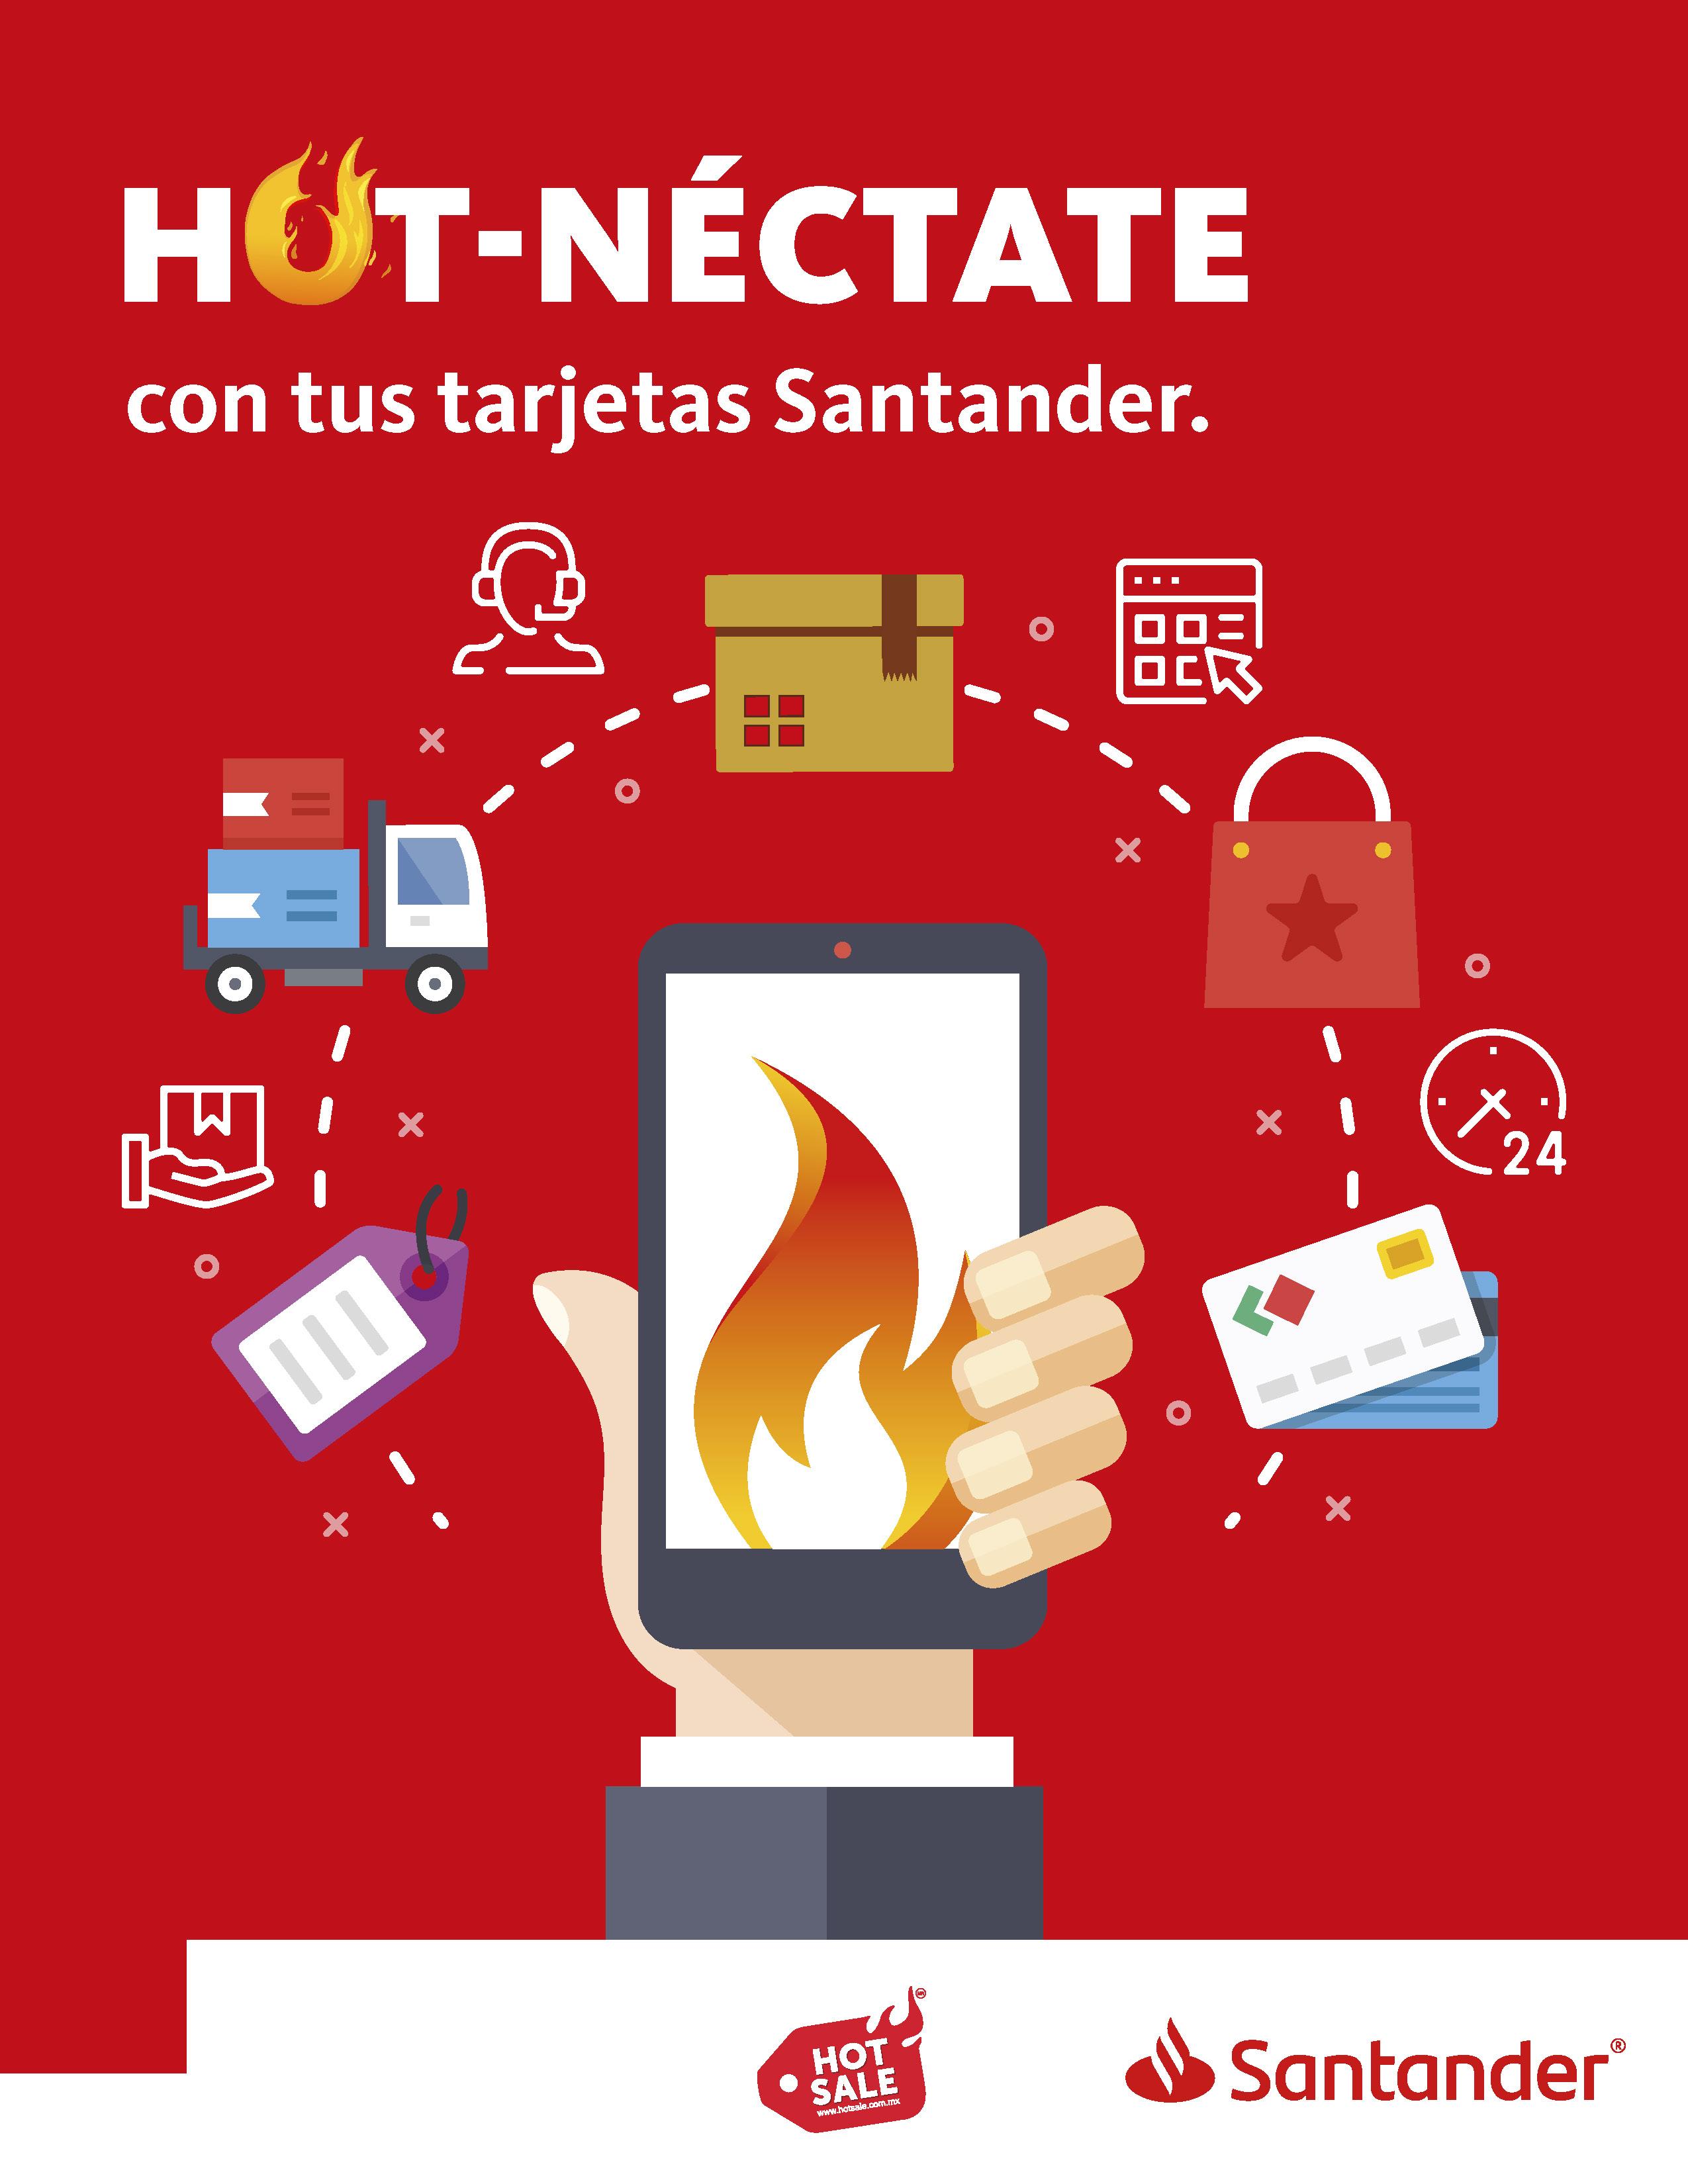 Promociones del Hot Sale 2018 pagando con Santander: $500 de bonificación en compras de $5,500 ó más